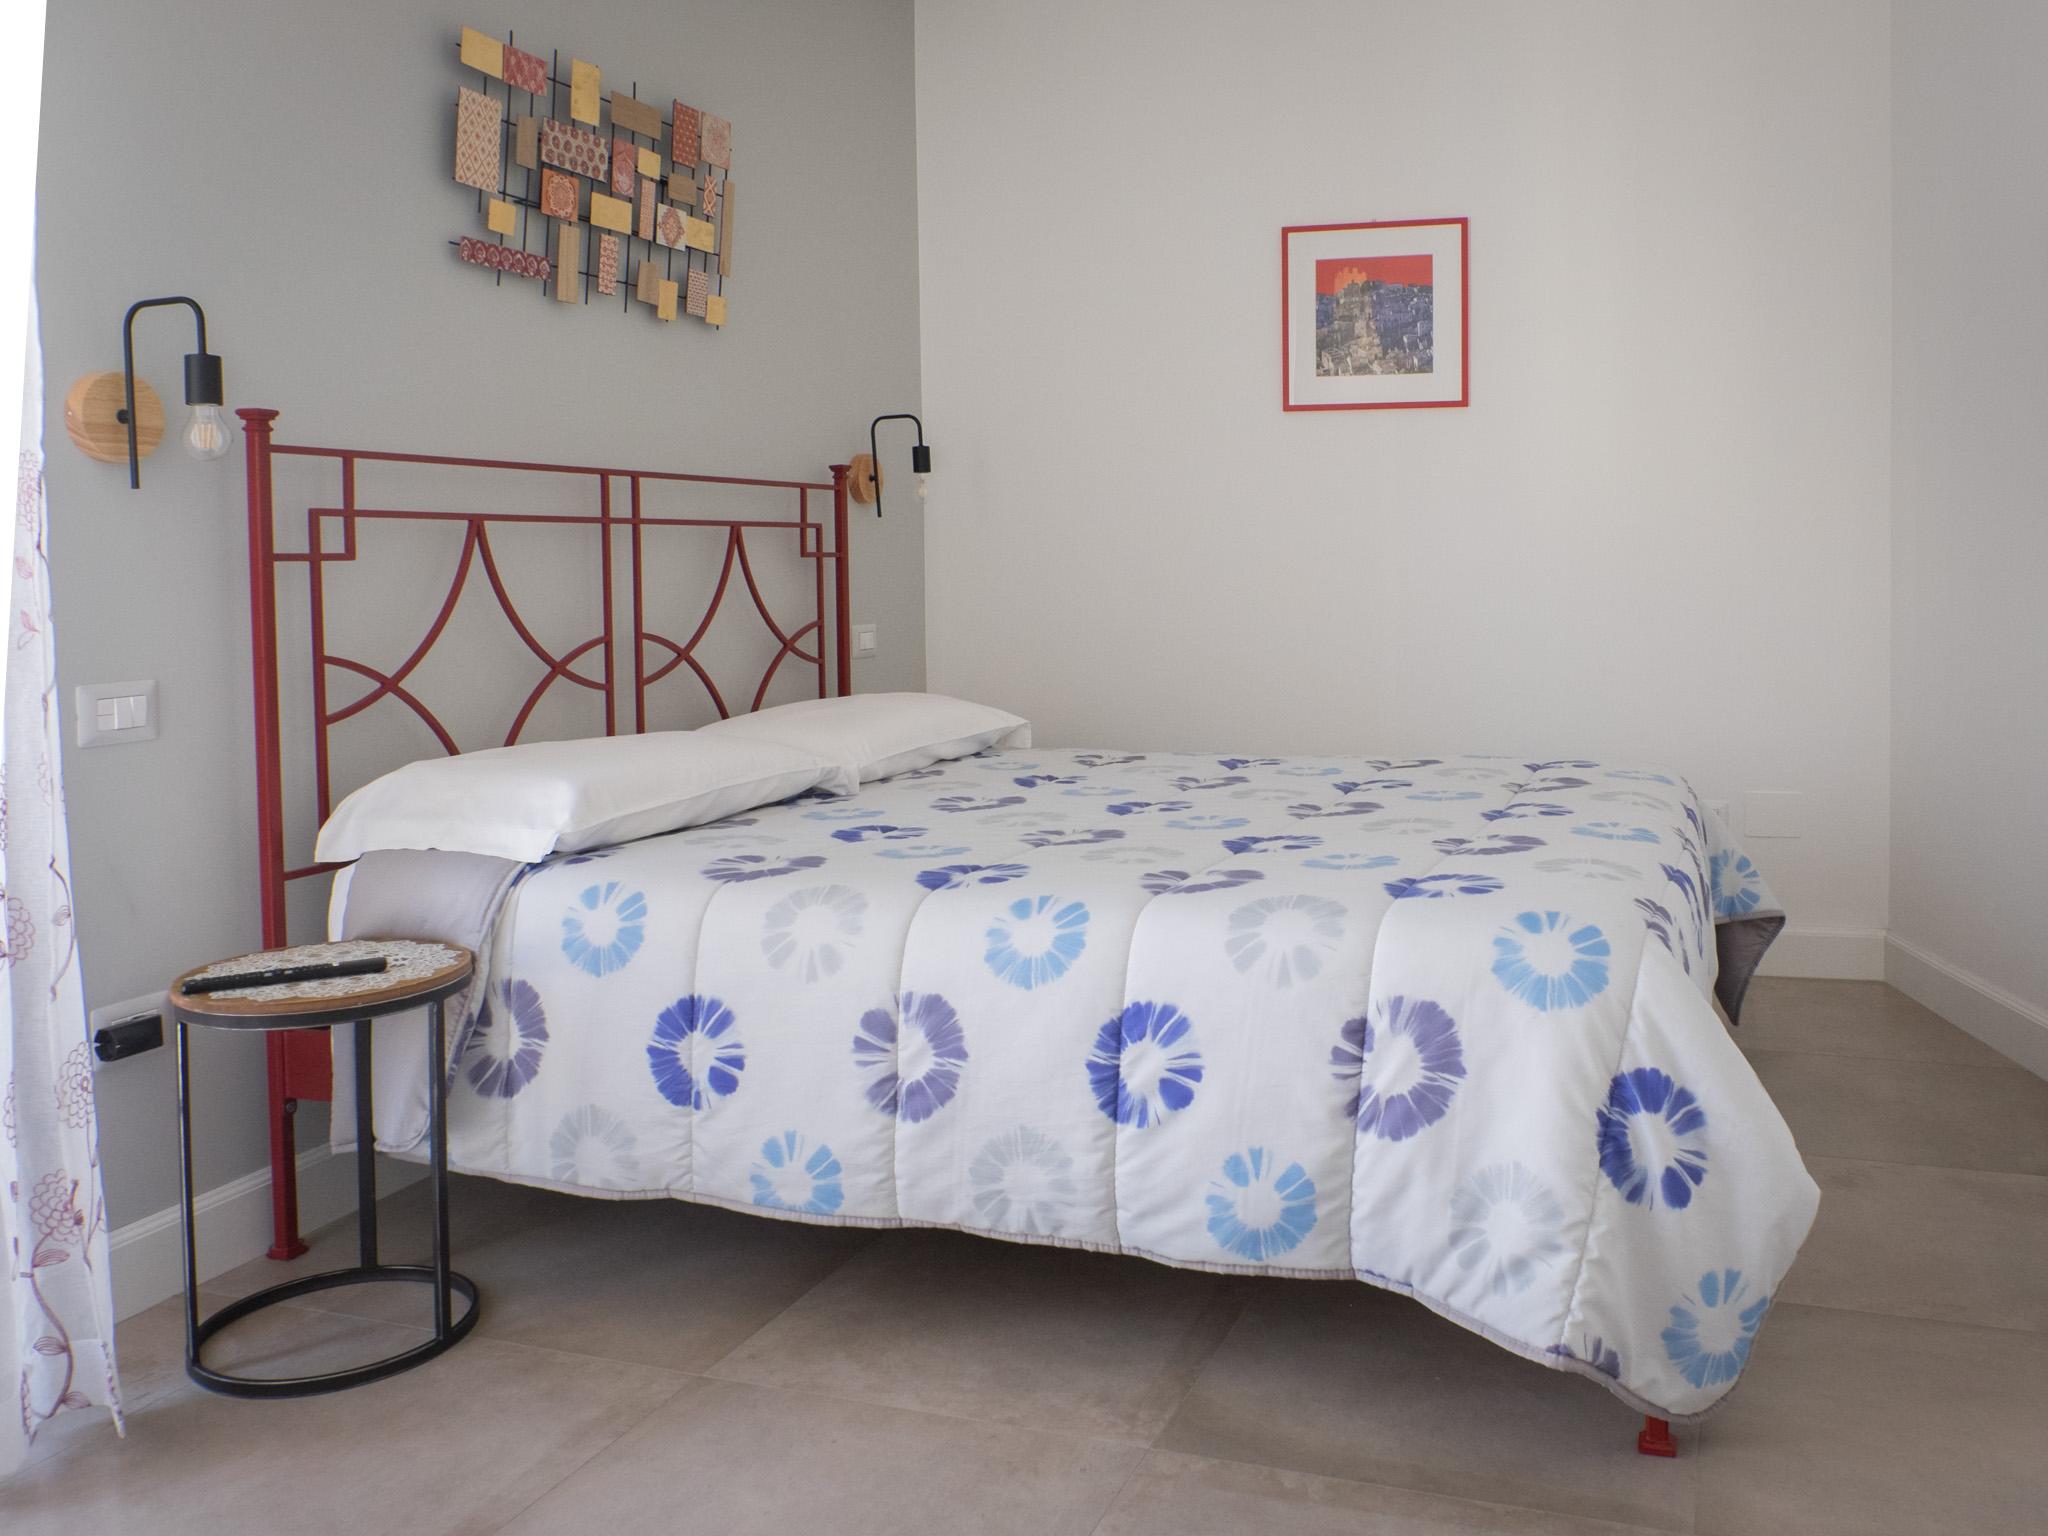 longobardi apartments la-casa-dei-nonni-casa-vacanze-bb-camere-dormire-sassi-di-matera-basilicata-50